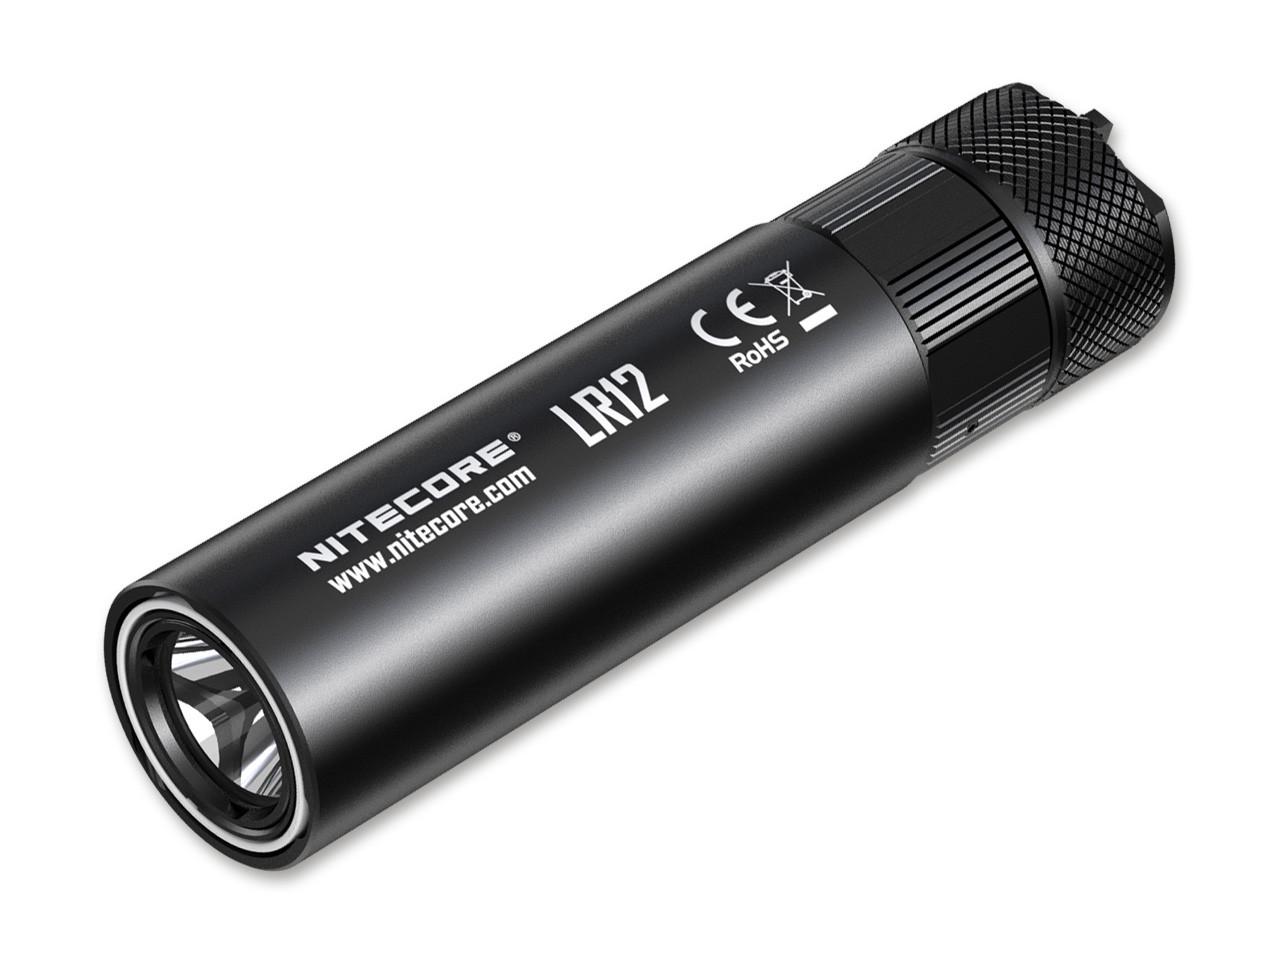 Nitecore LR12 2-in-1 Lantern